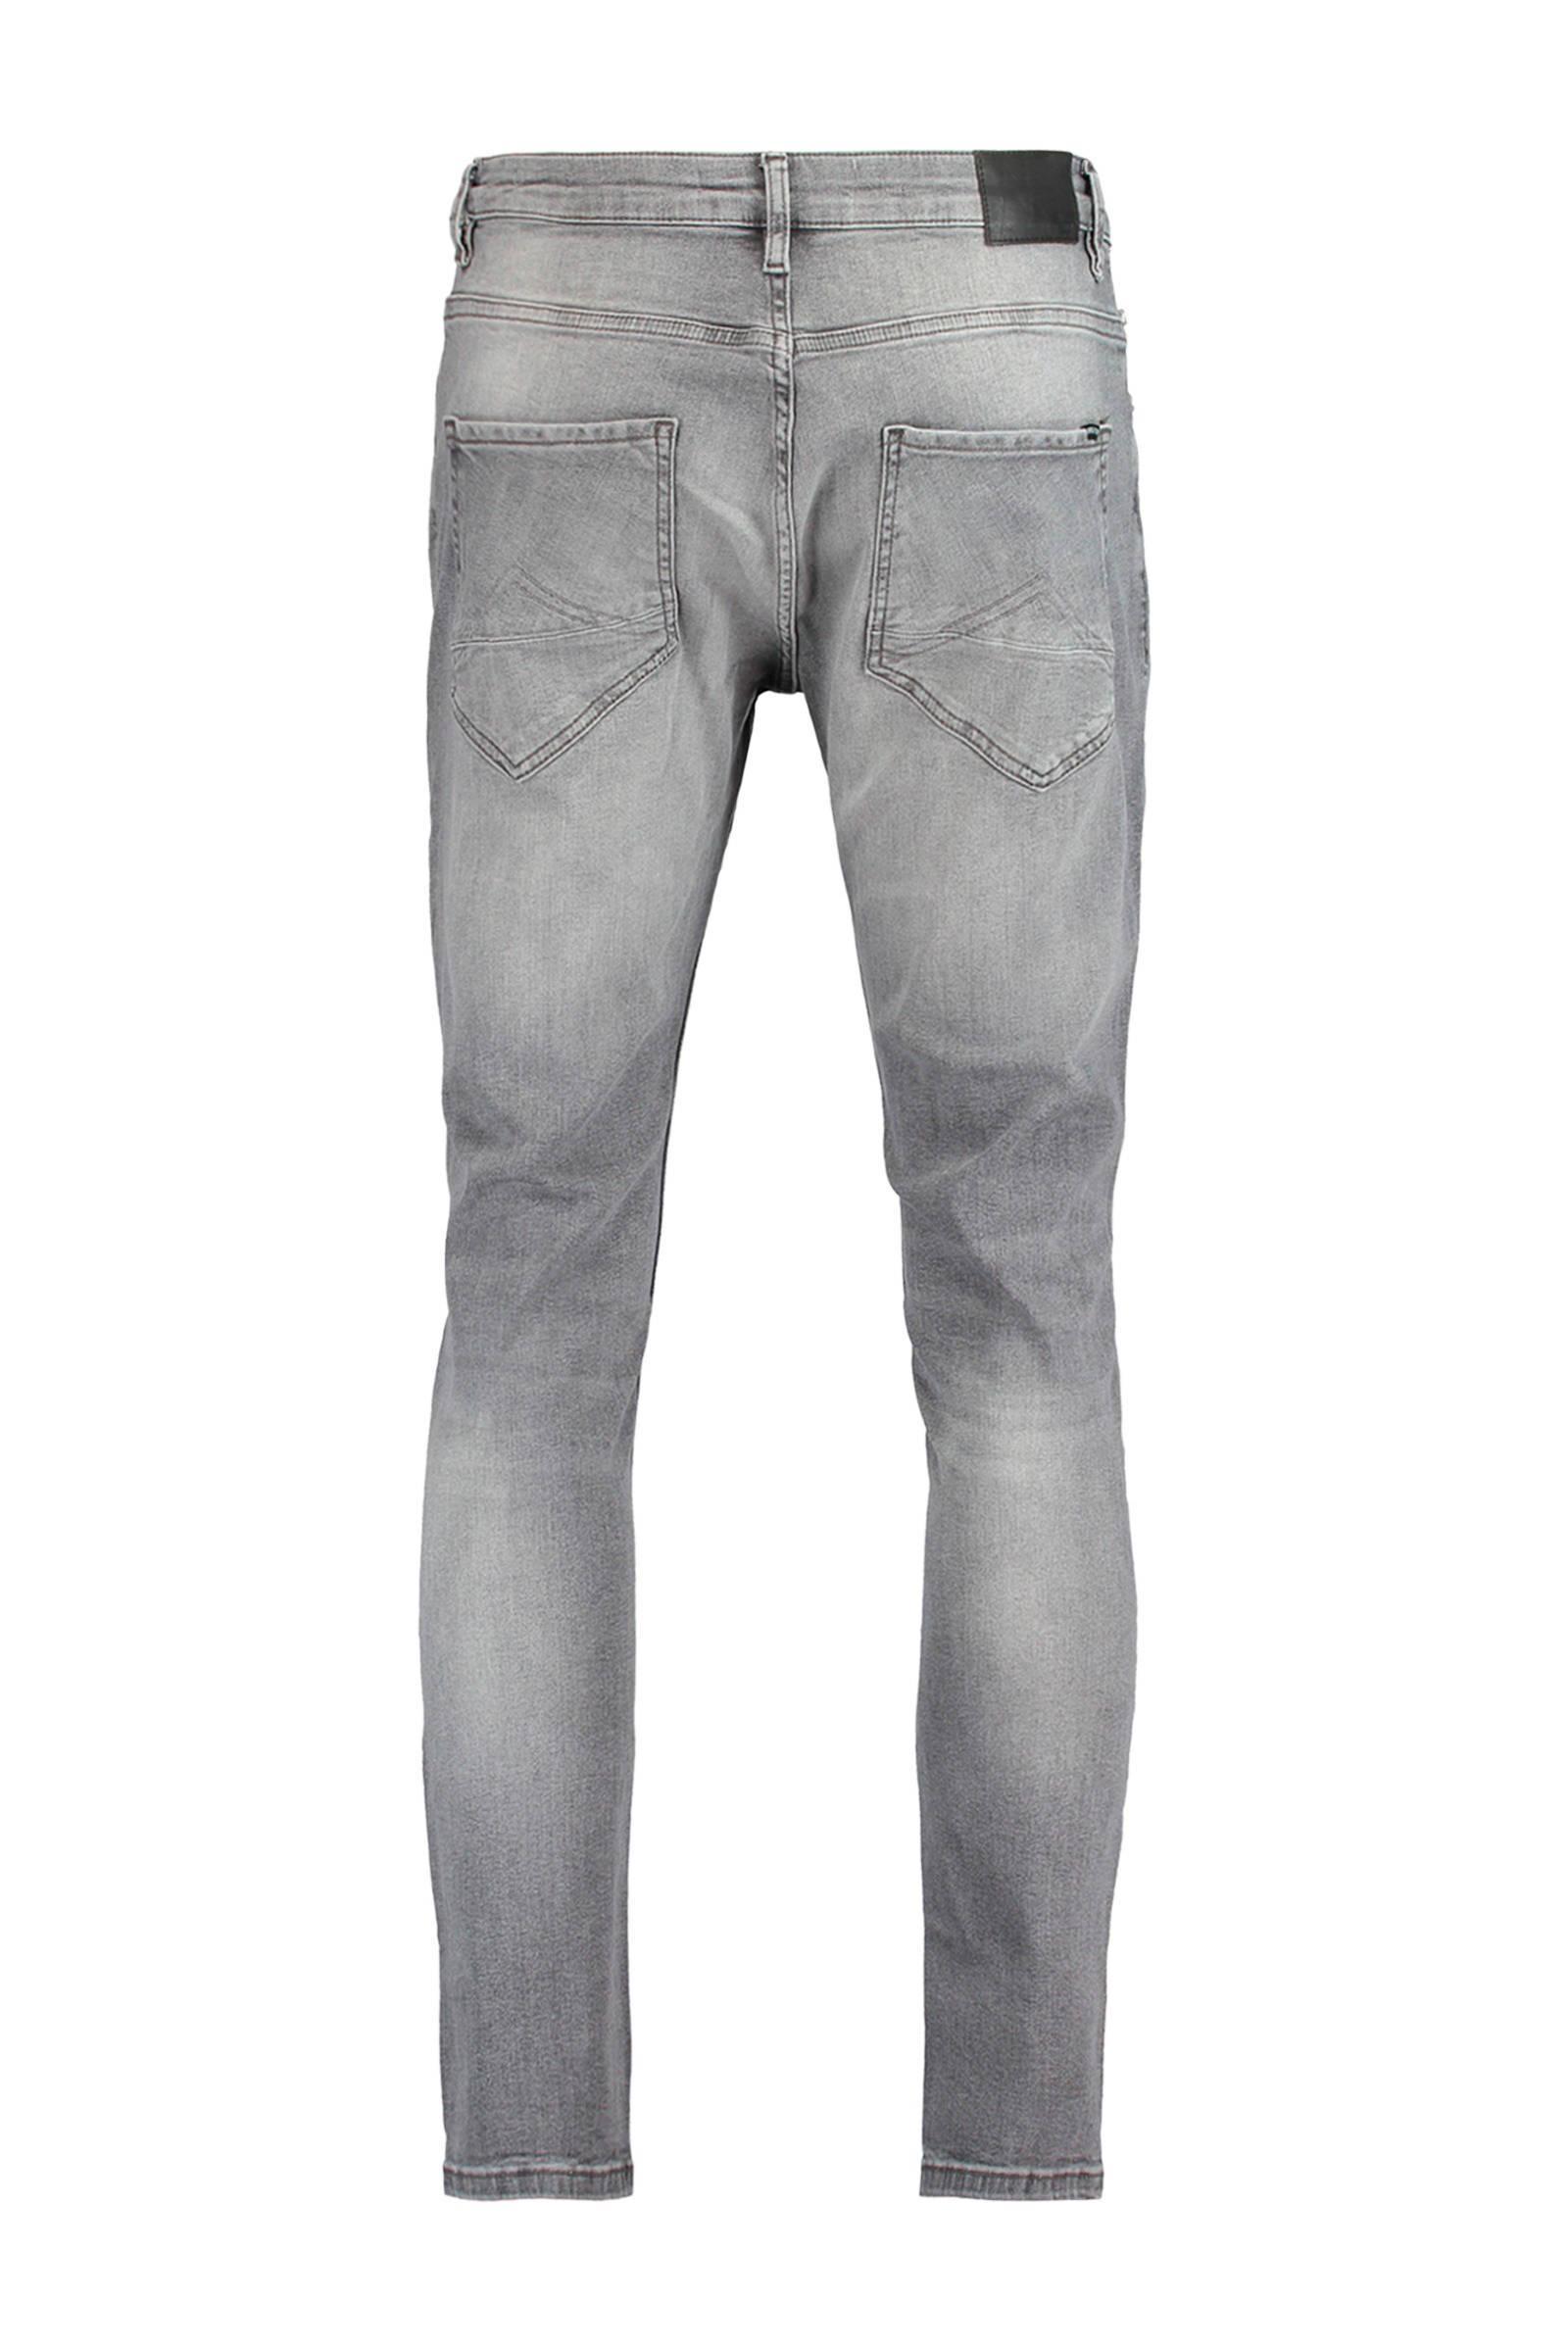 America Today Denim Slim Fit Jeans Ryan Grijs in het Grijs voor heren